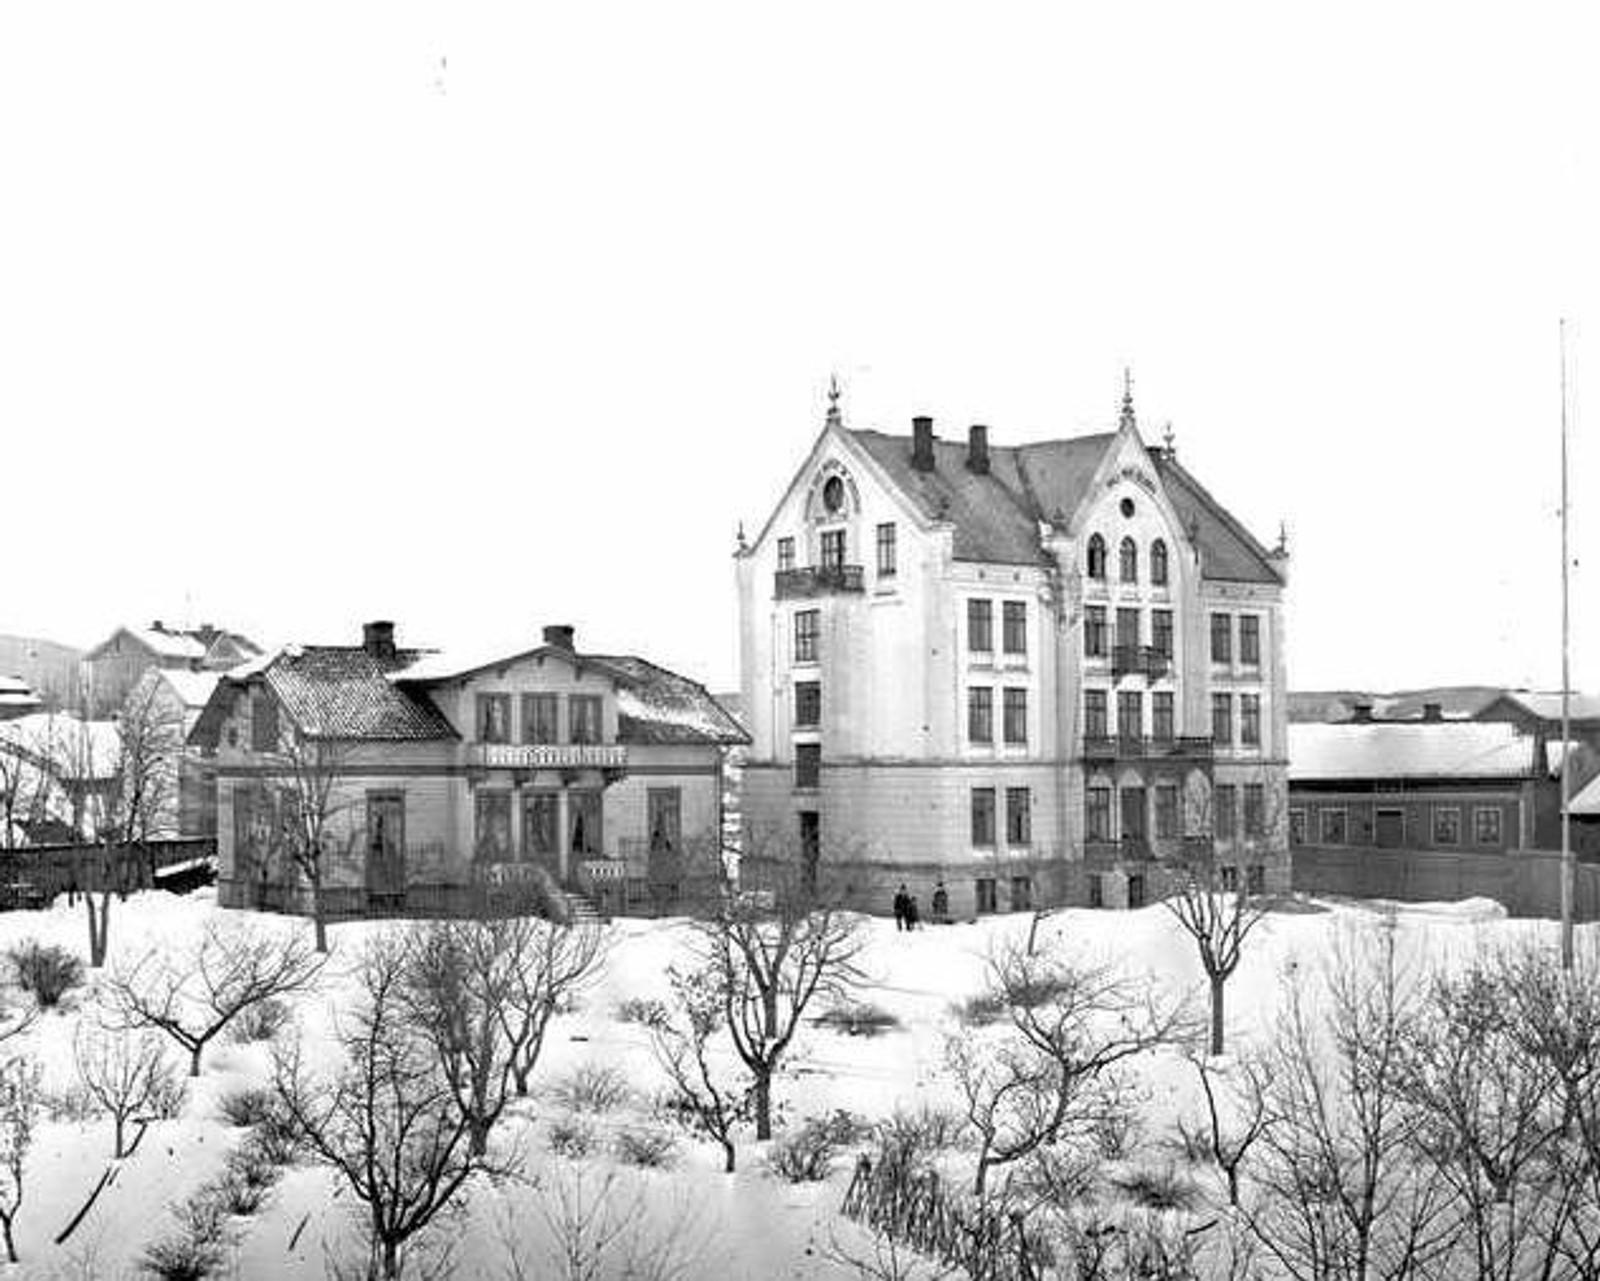 Dette bildet ble tatt av Studenterhjemmet rundt 1880, få år etter at huset stod ferdig i Underhaugsveien 13. I disse årene bodde forfattere som Sigbjørn Obstfelder og Arne Garborg på Studenterhjemmet.